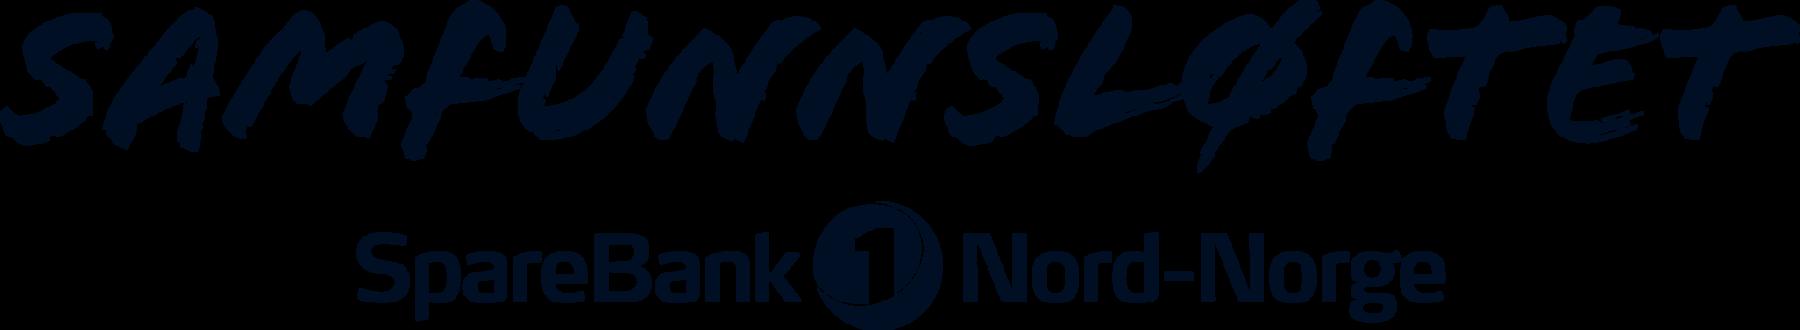 Snn samfunnsl logo sort